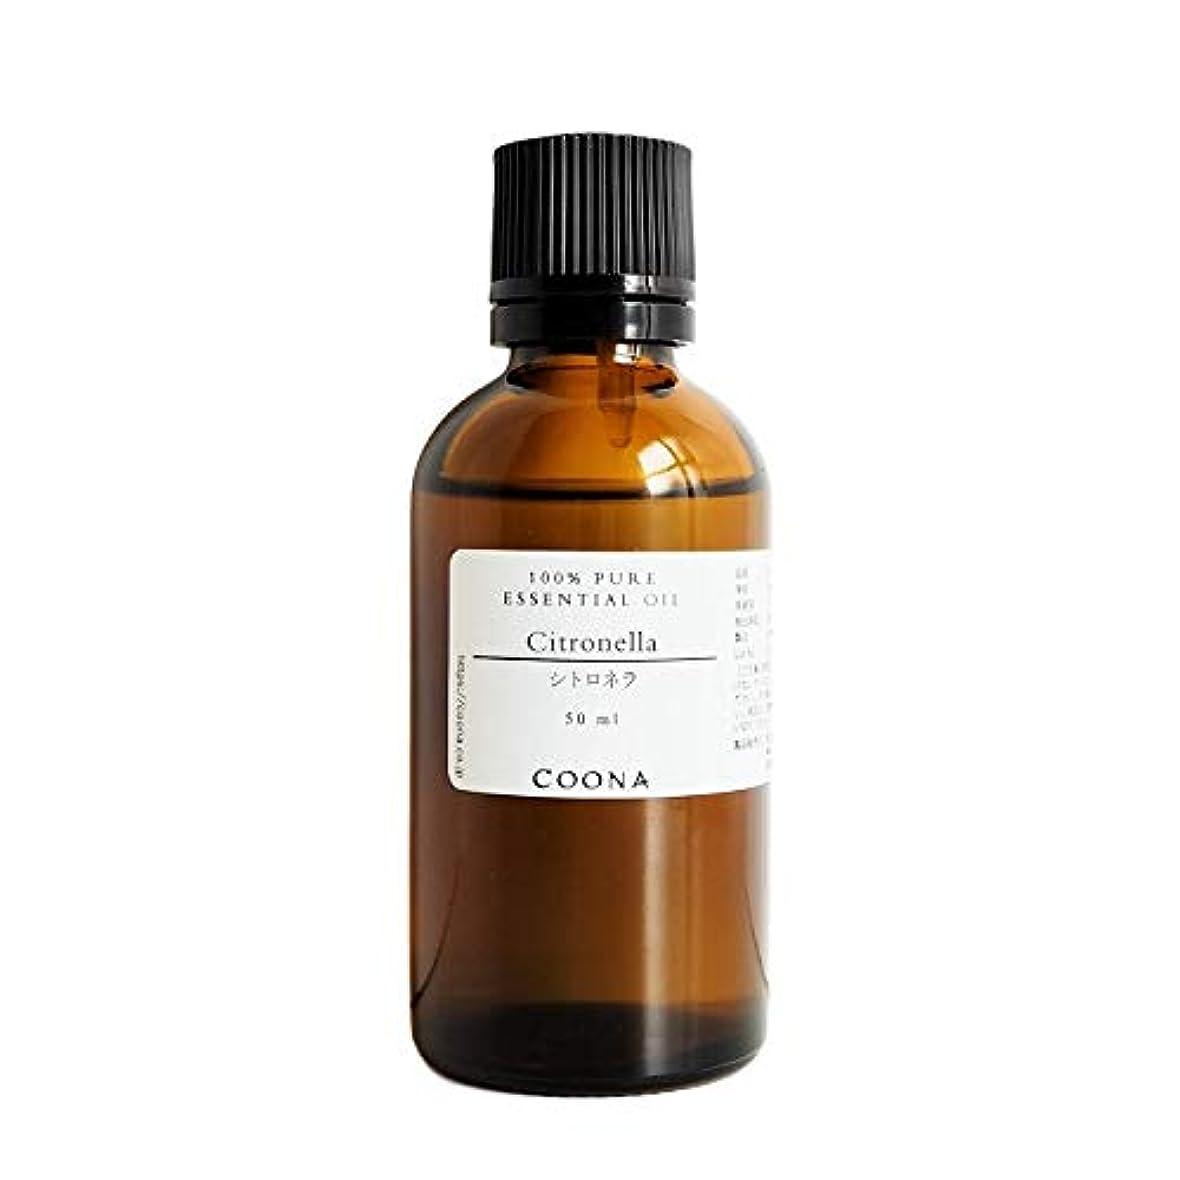 振り子通り古代シトロネラ 50 ml (COONA エッセンシャルオイル アロマオイル 100%天然植物精油)